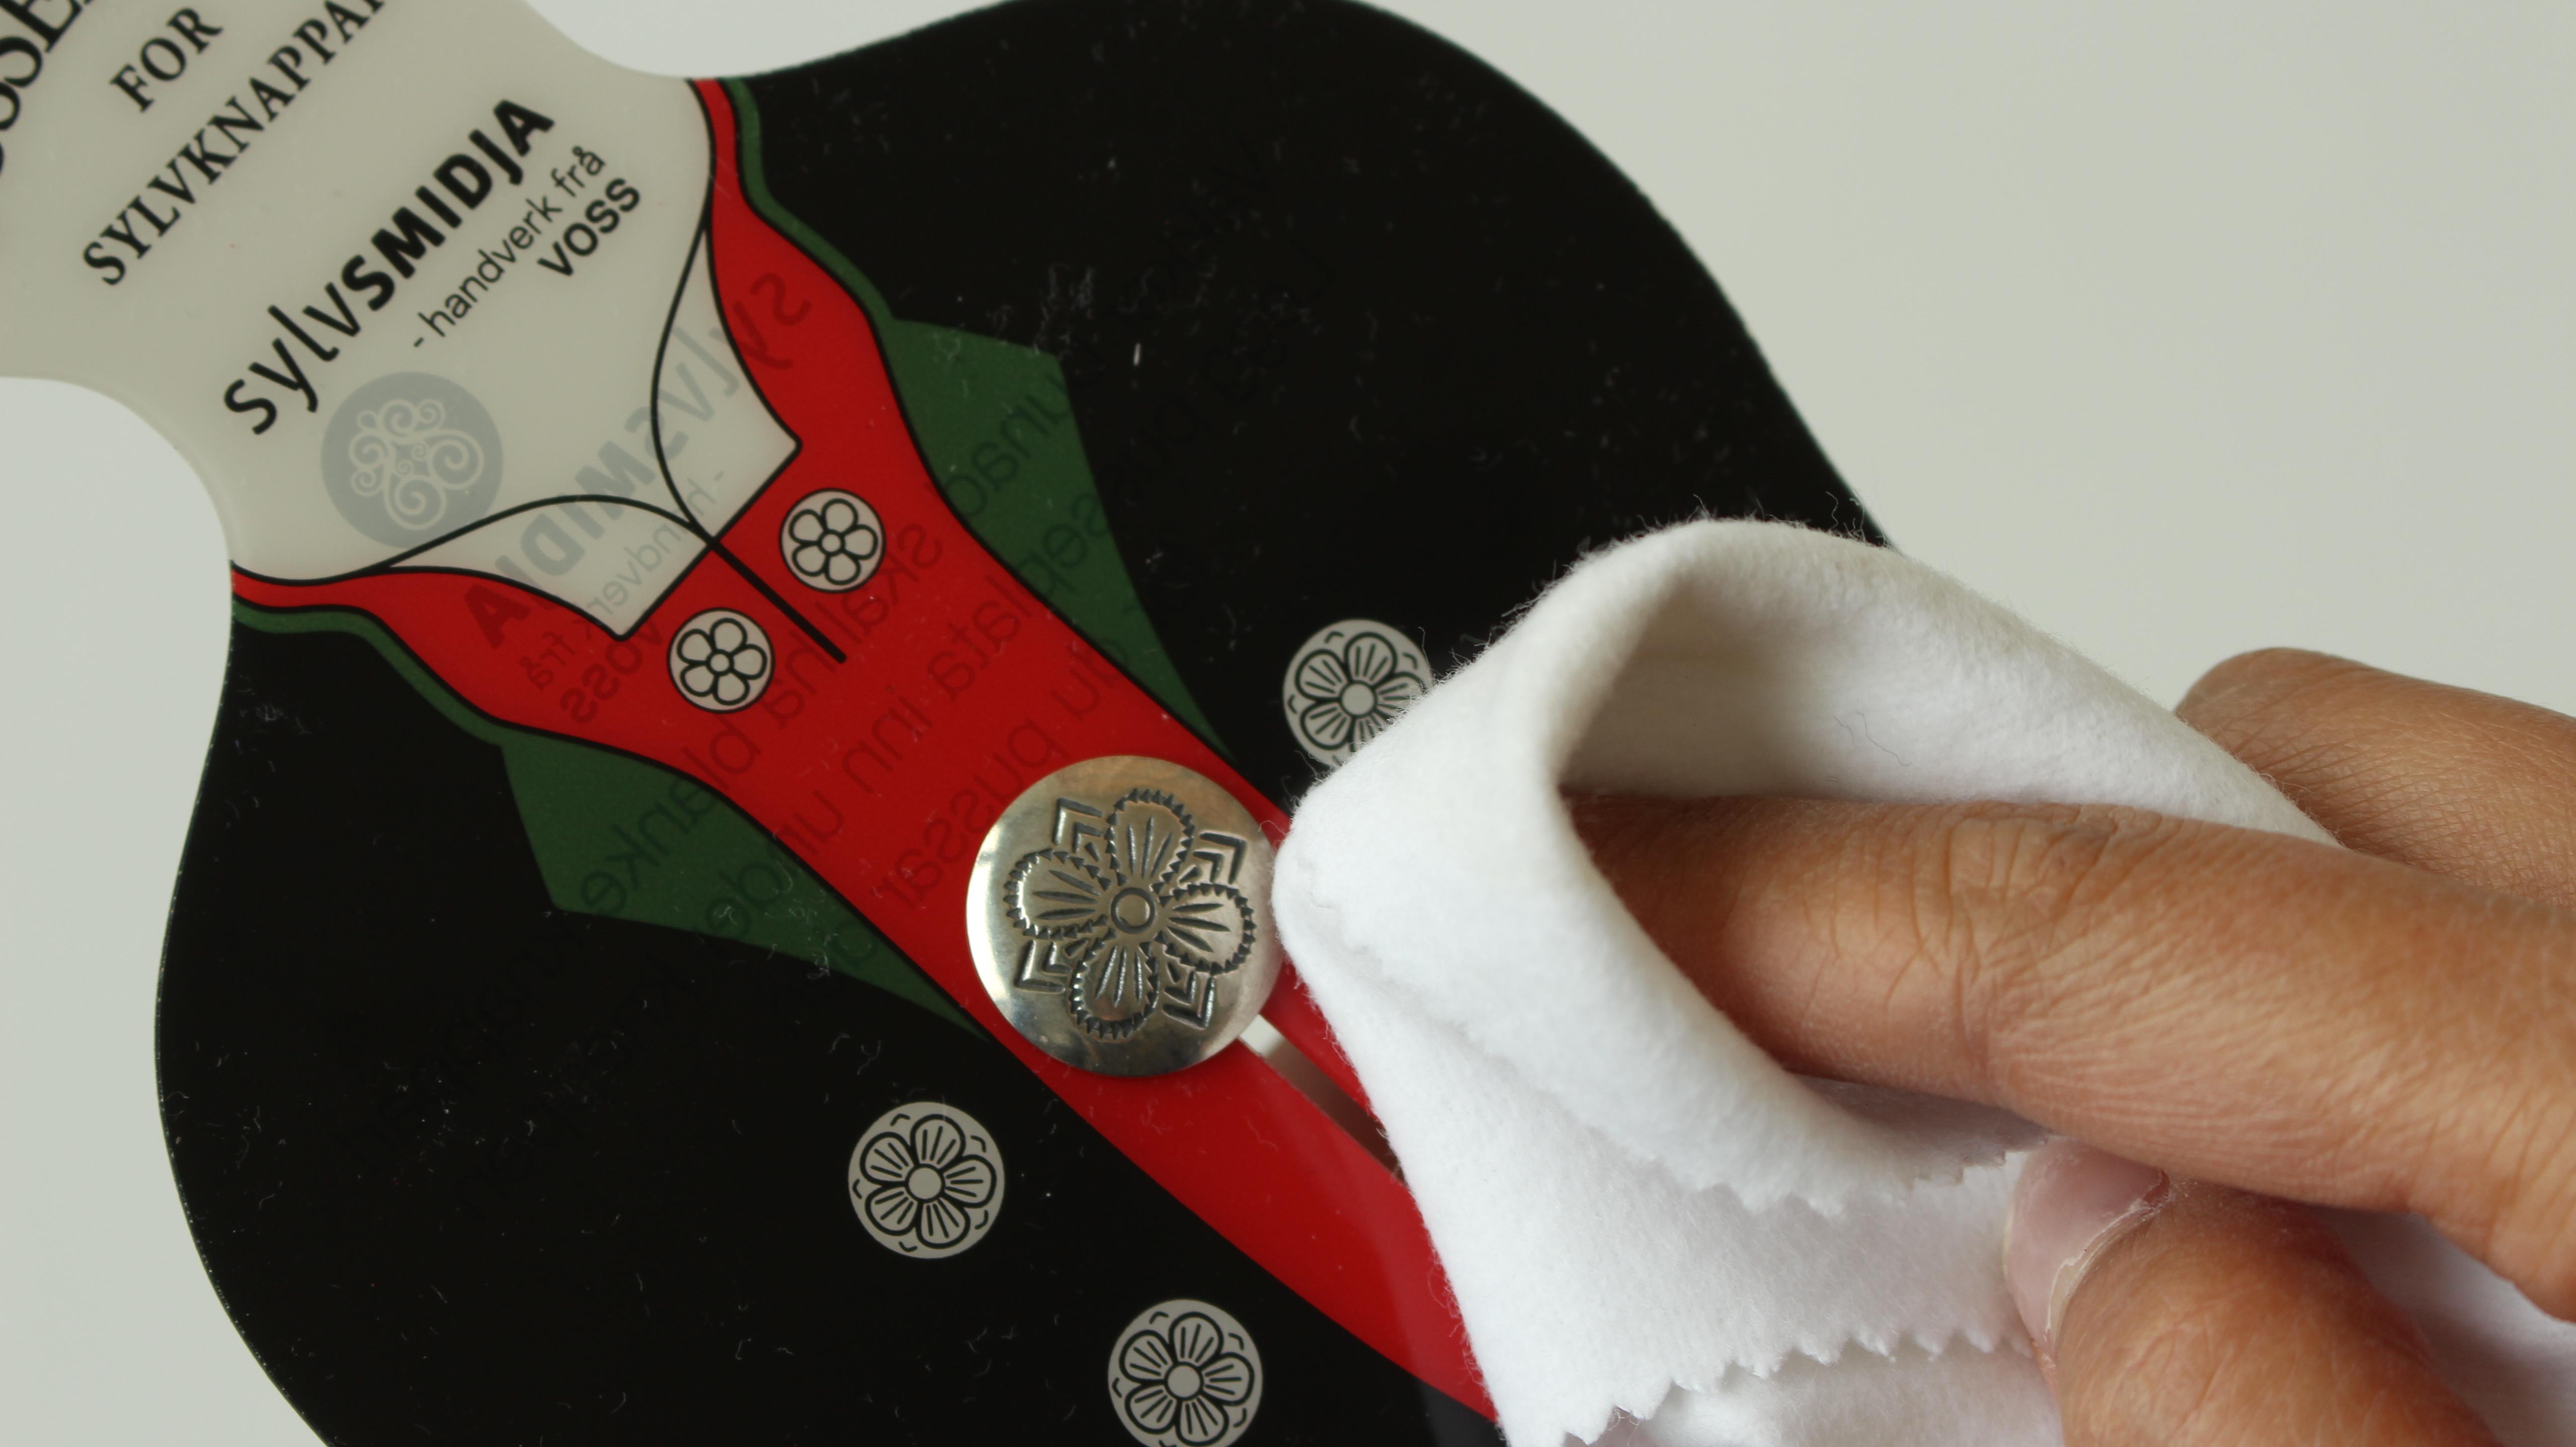 . Det finst pussebrett som gjerne kan brukast på knappar og som vil verna bunadsstoffet.